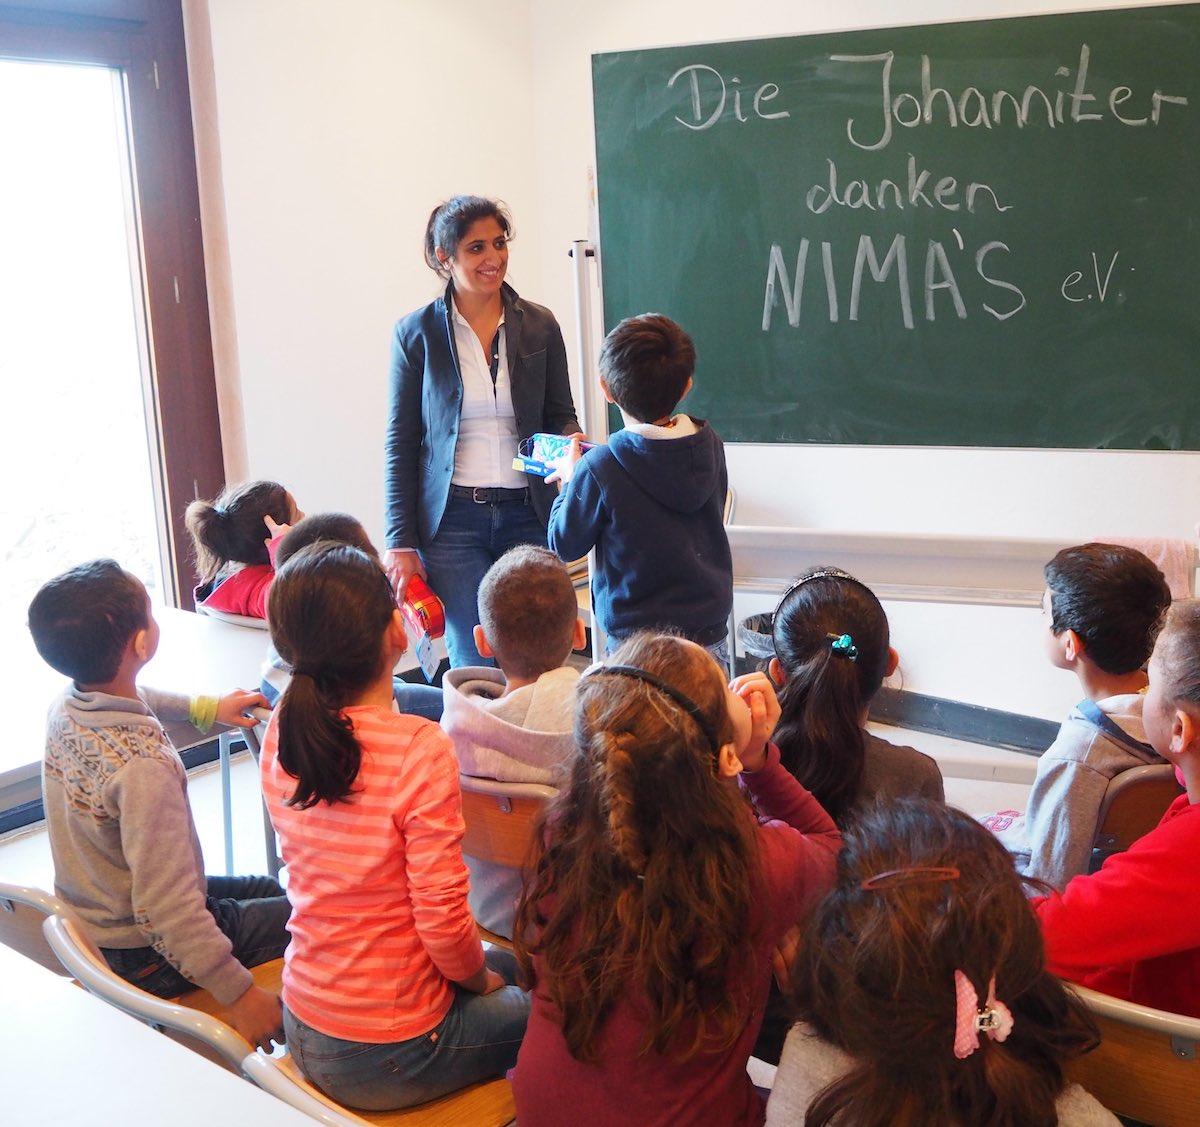 Dr. Tannaz Westerberg von NIMA's e.V. verteilt Schulstarterpakete an Flüchtlingskinder in der Johanniter betriebenen Flüchtlingseinrichtung an der Münzstraße. (Foto: Thiemann)